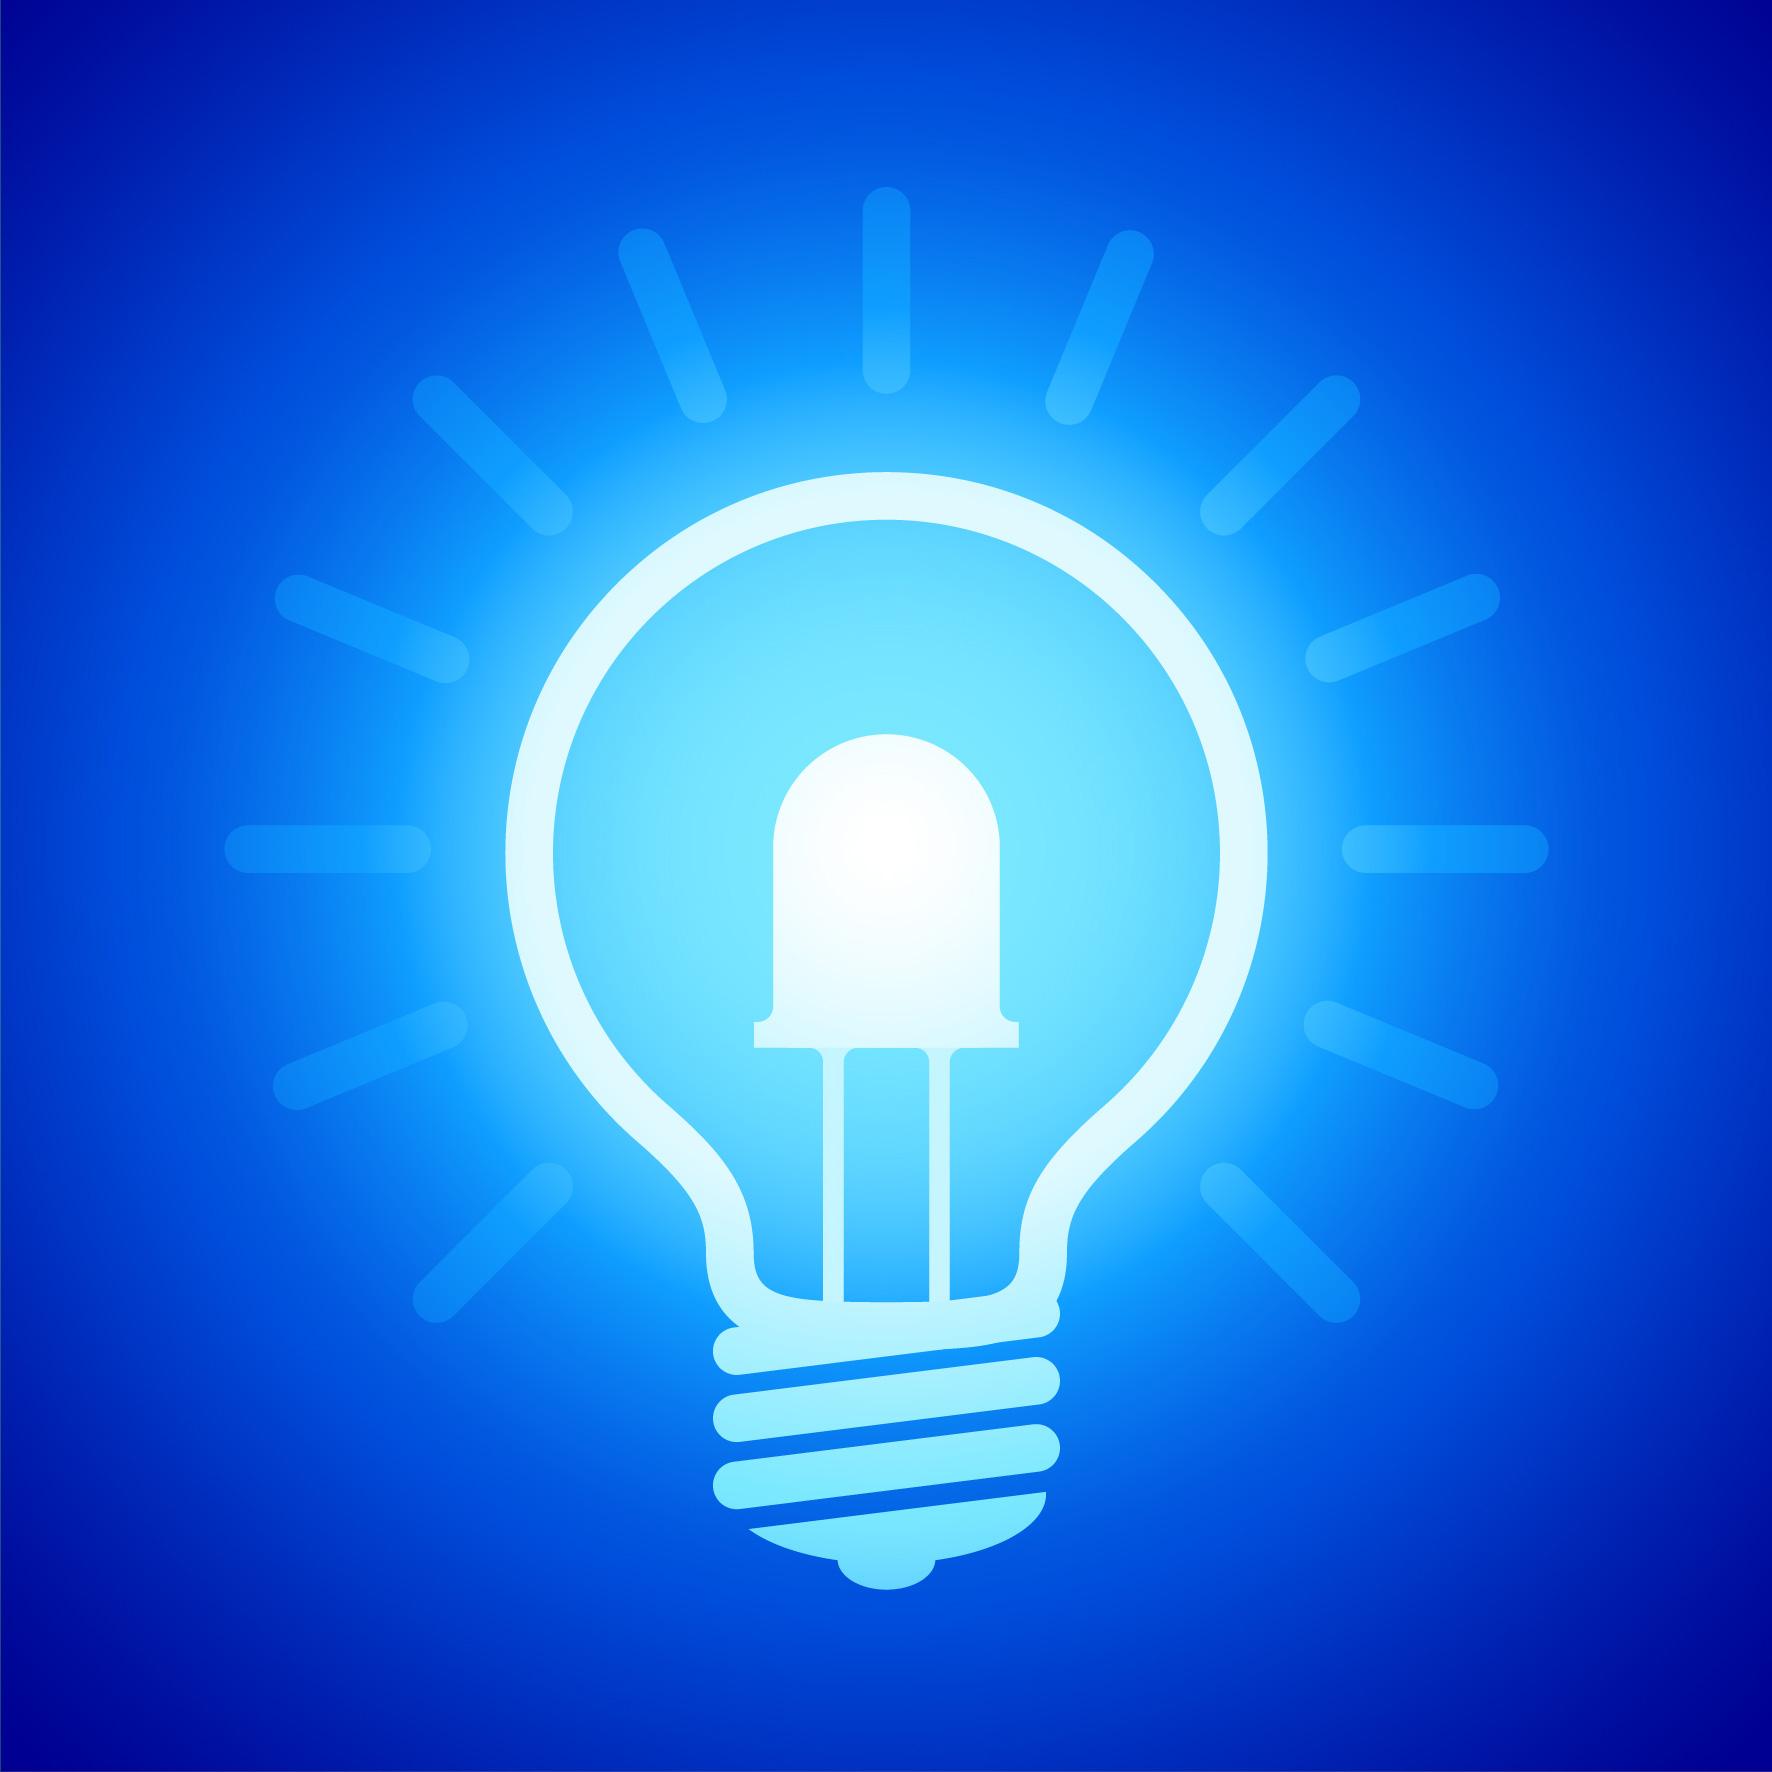 Gestione energetica intelligente grazie ai LED